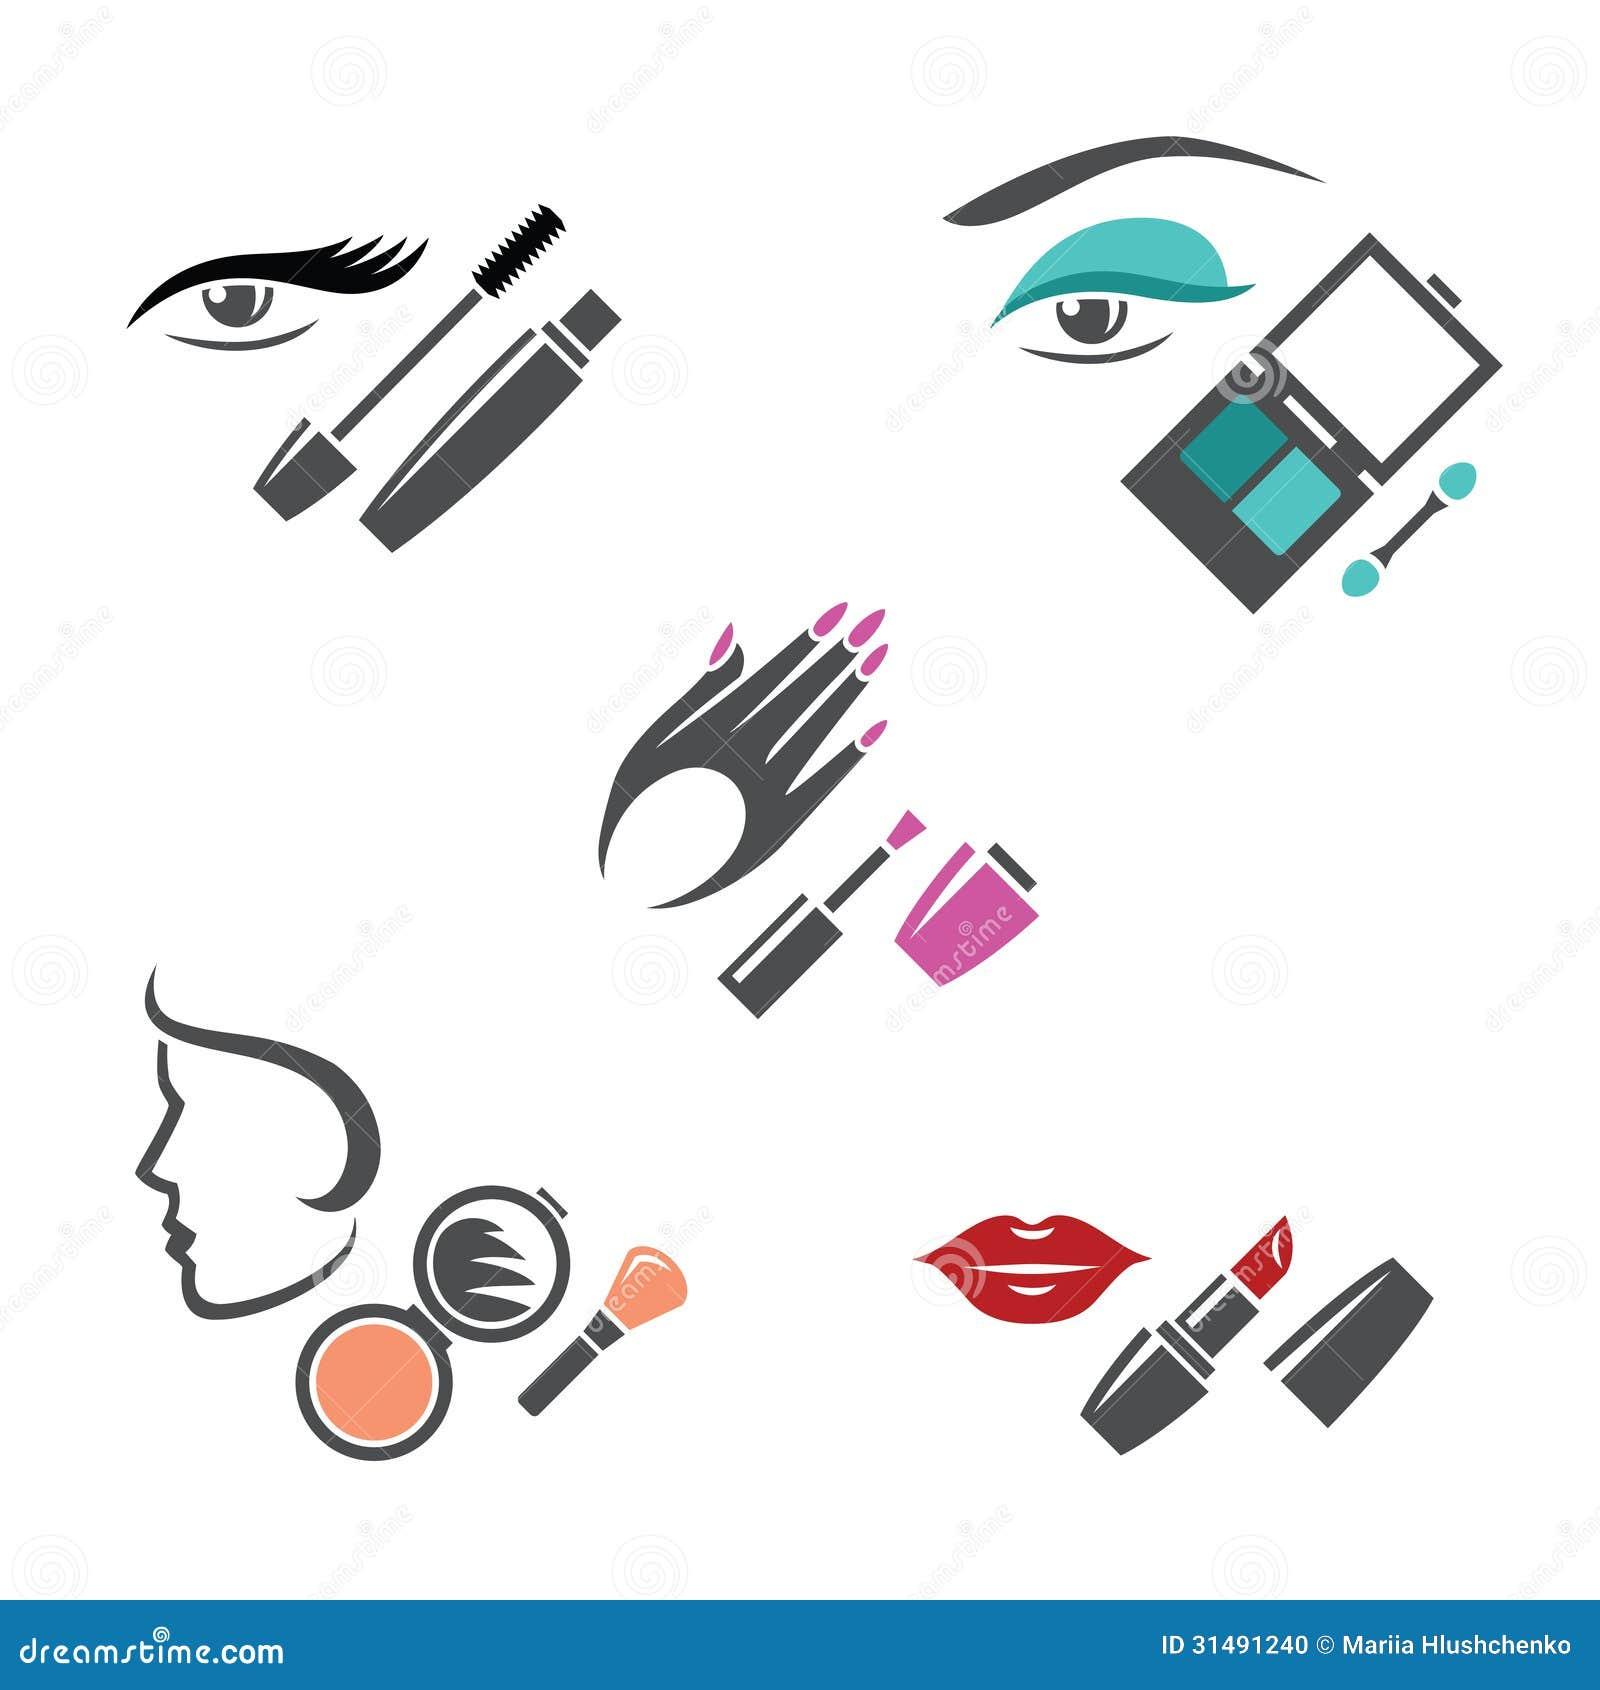 Makeup Stock Photo - Image: 31491240